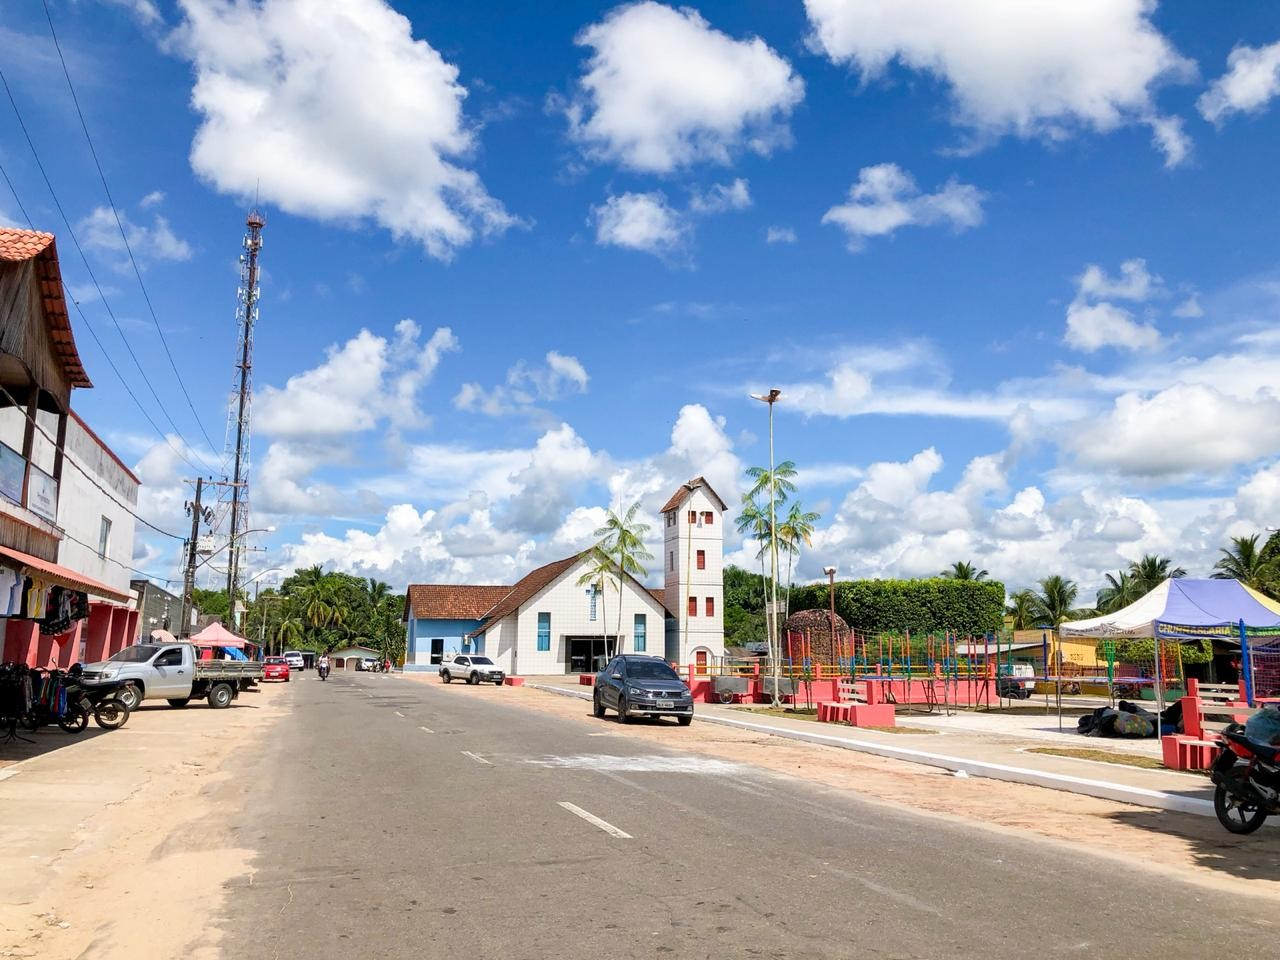 MP-AC investiga possíveis irregularidades em licitação para compra de combustível no interior  - Notícias - Plantão Diário